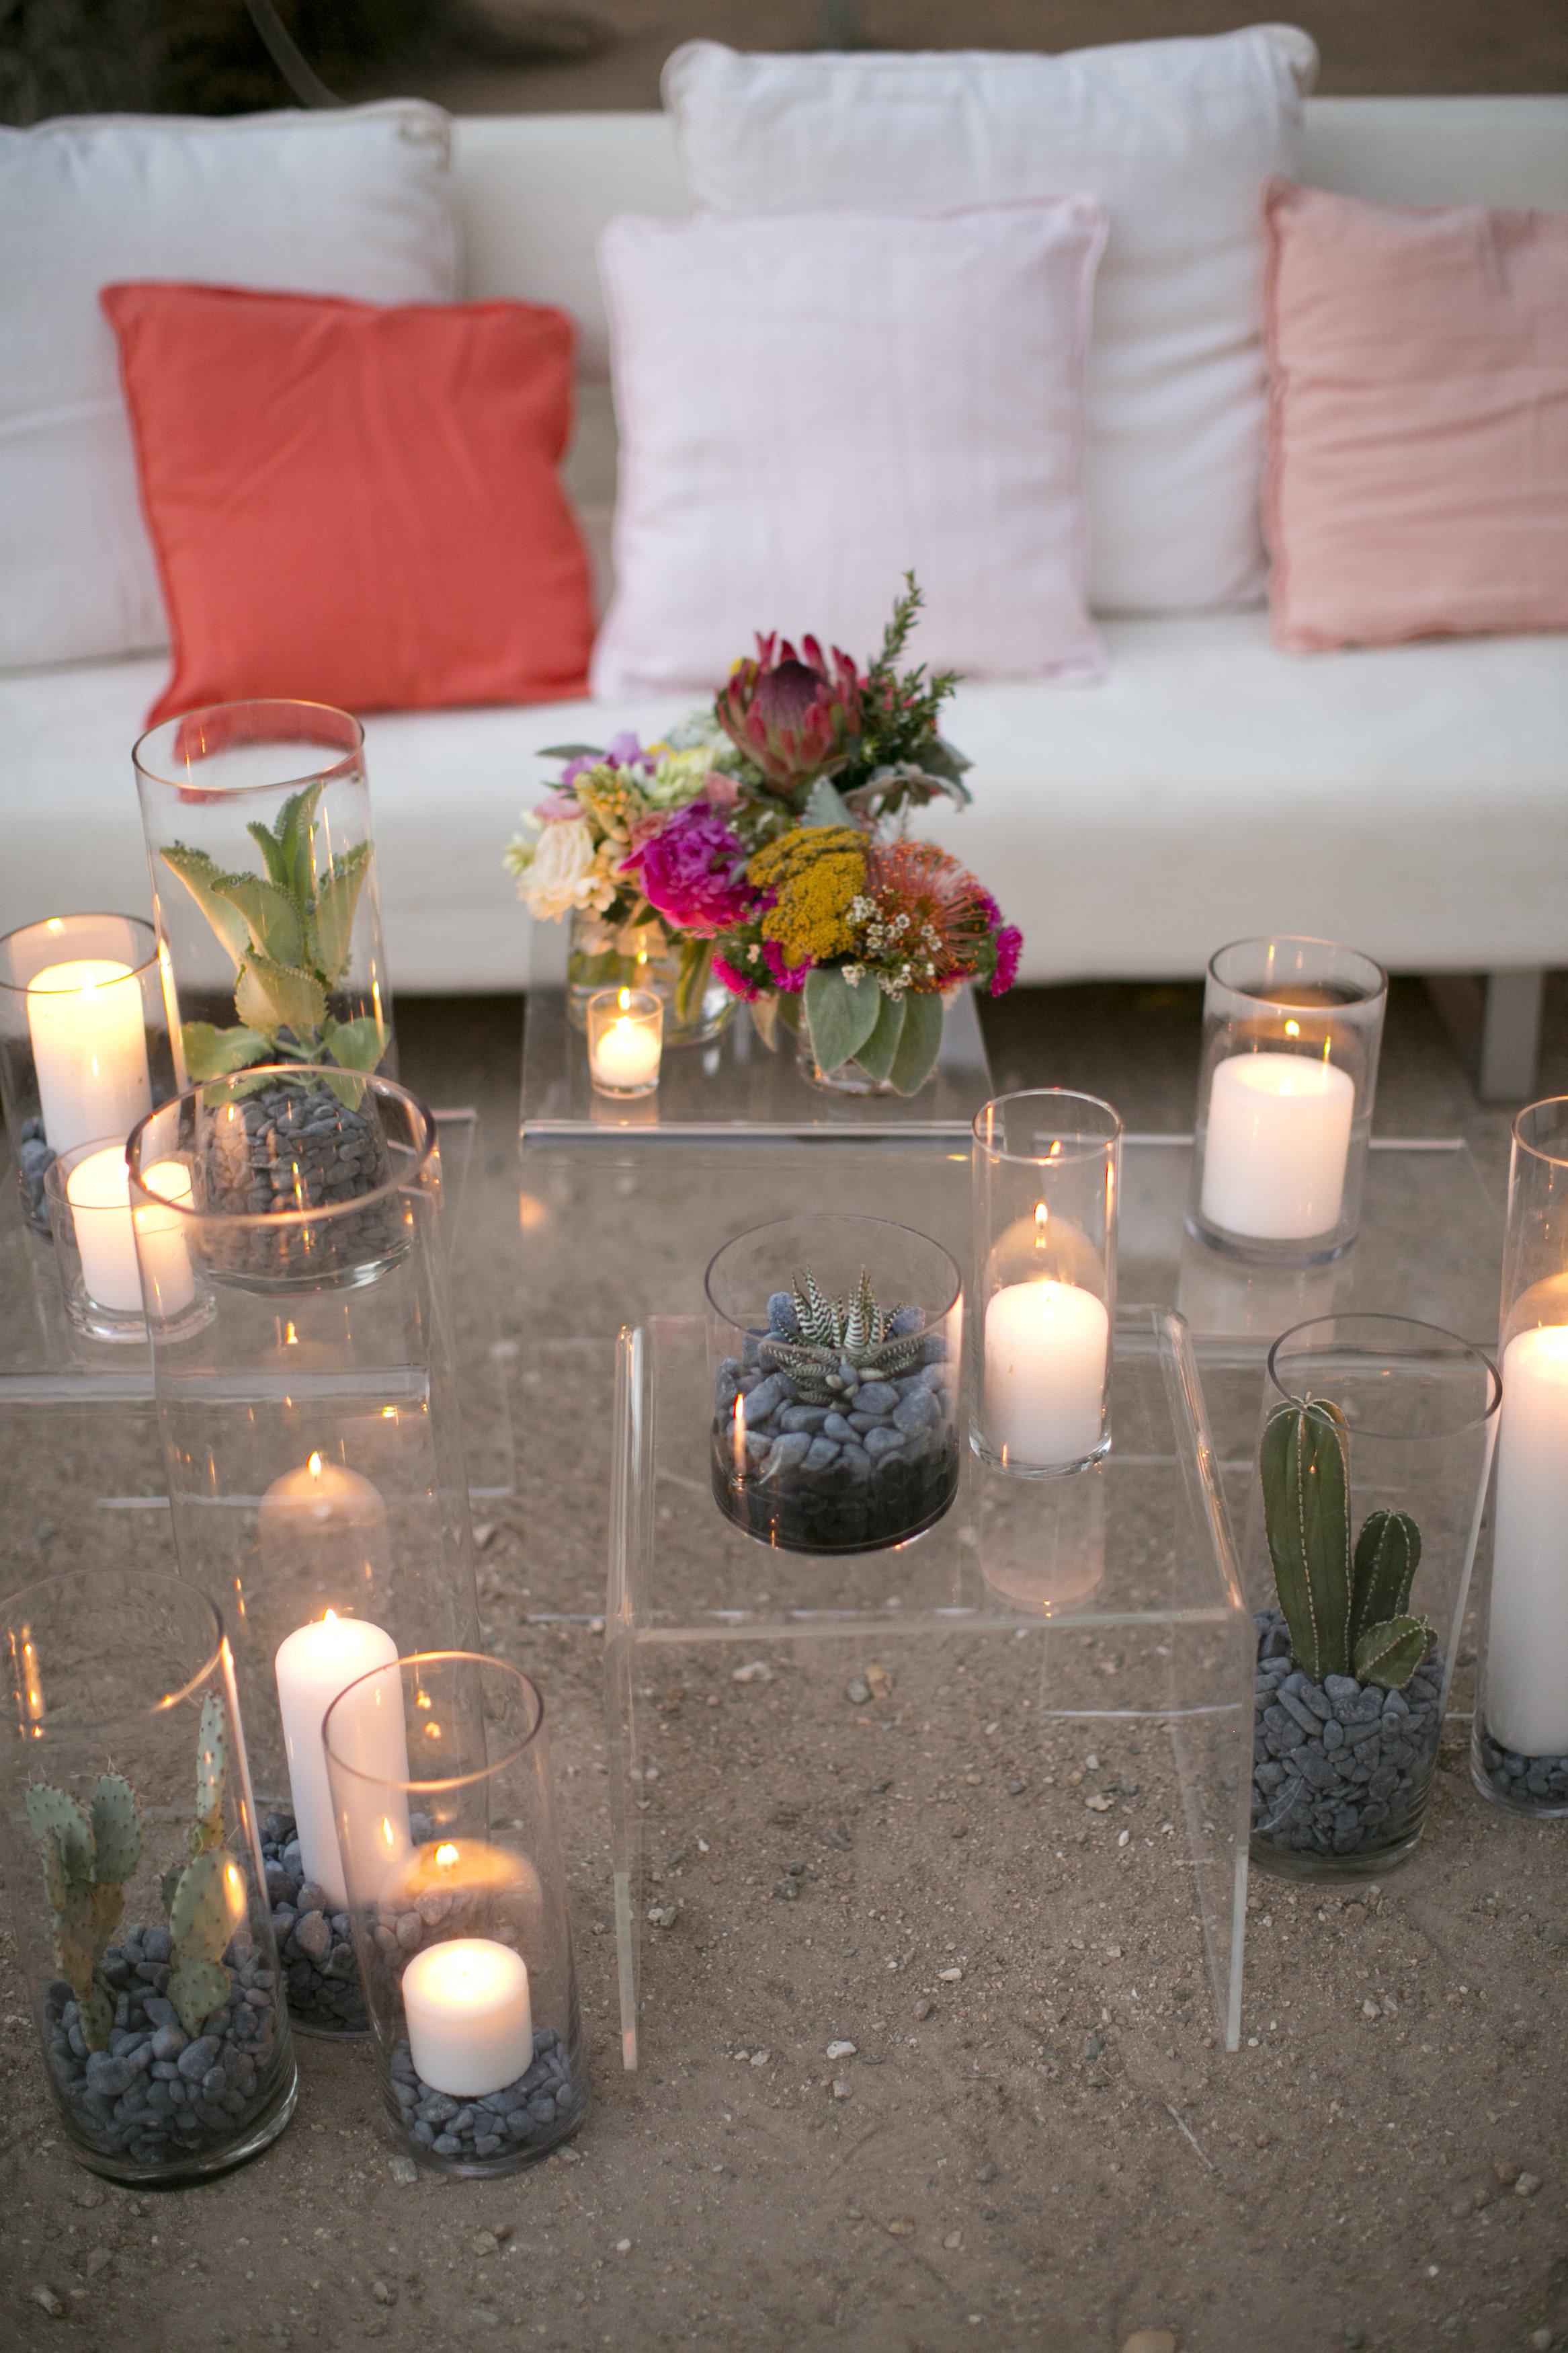 Ceci_New_York_Ceci_Style_Ceci_Johnson_Luxury_Lifestyle_Arizona_Wedding_Watercolor_Inspiration_Design_Custom_Couture_Personalized_Invitations_172.jpg